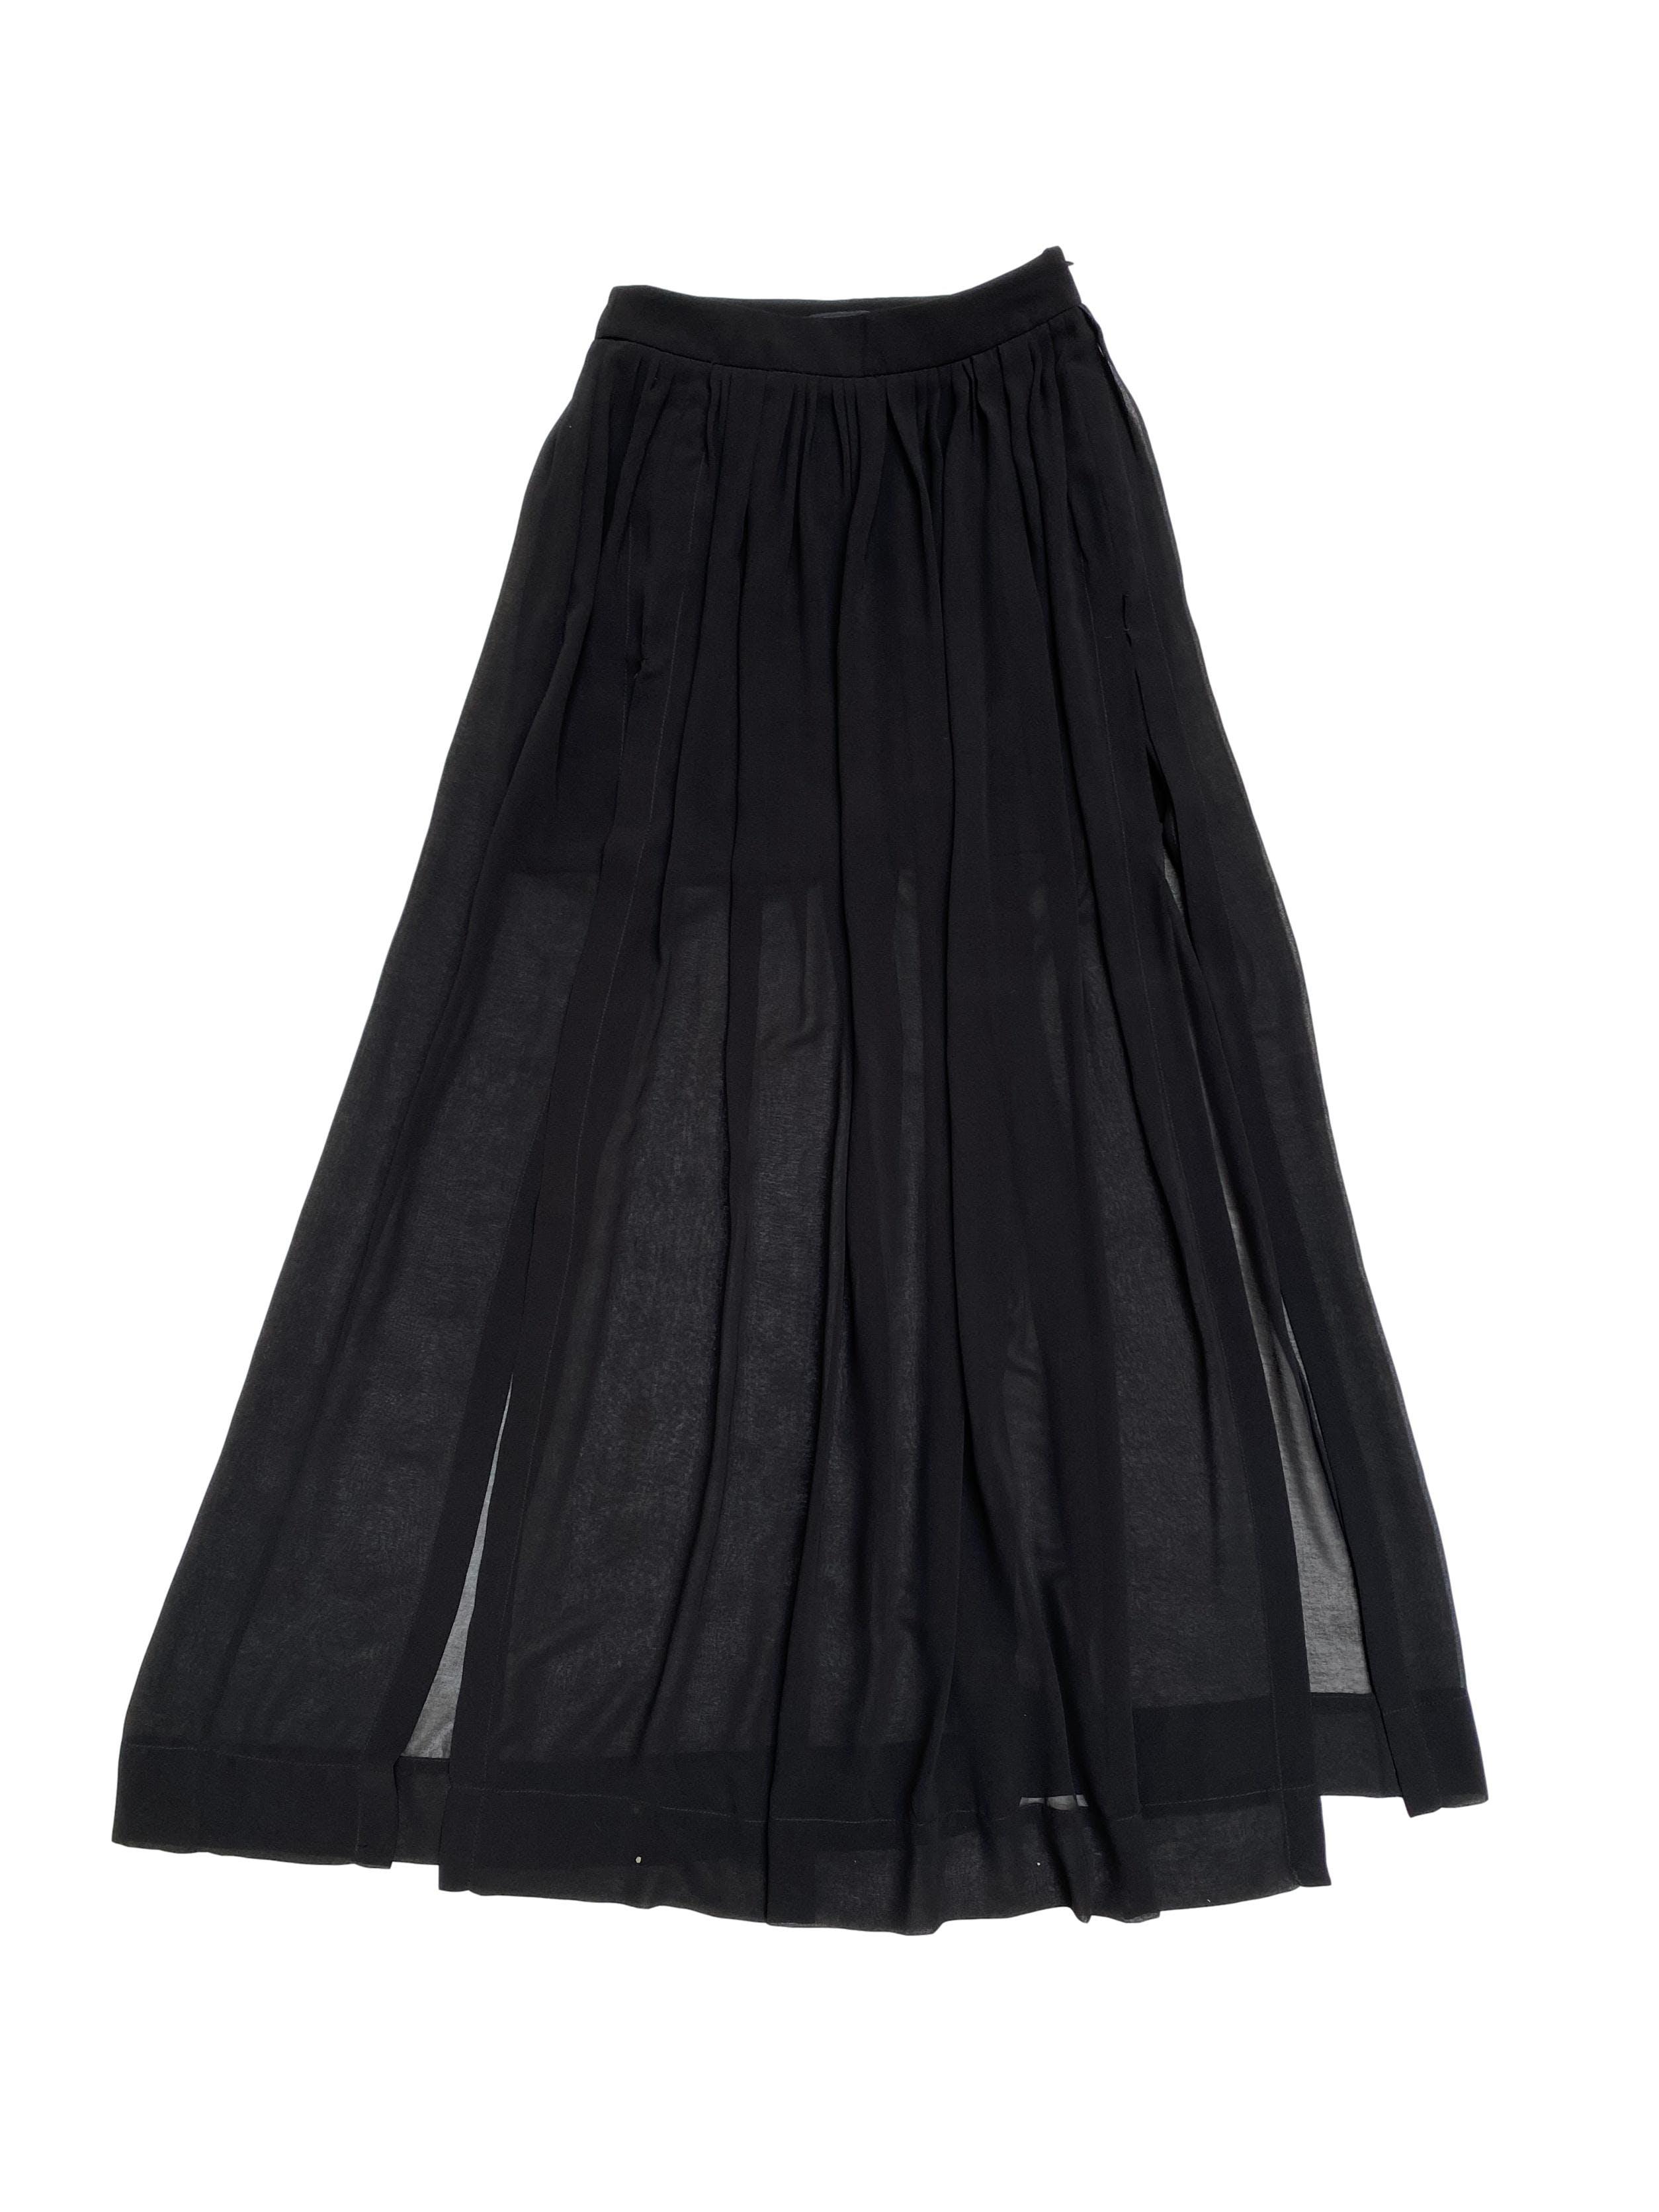 Maxifalda Zara de gasa negra con aberturas delanteras, forro mini y cierre lateral. Cintura 70cm